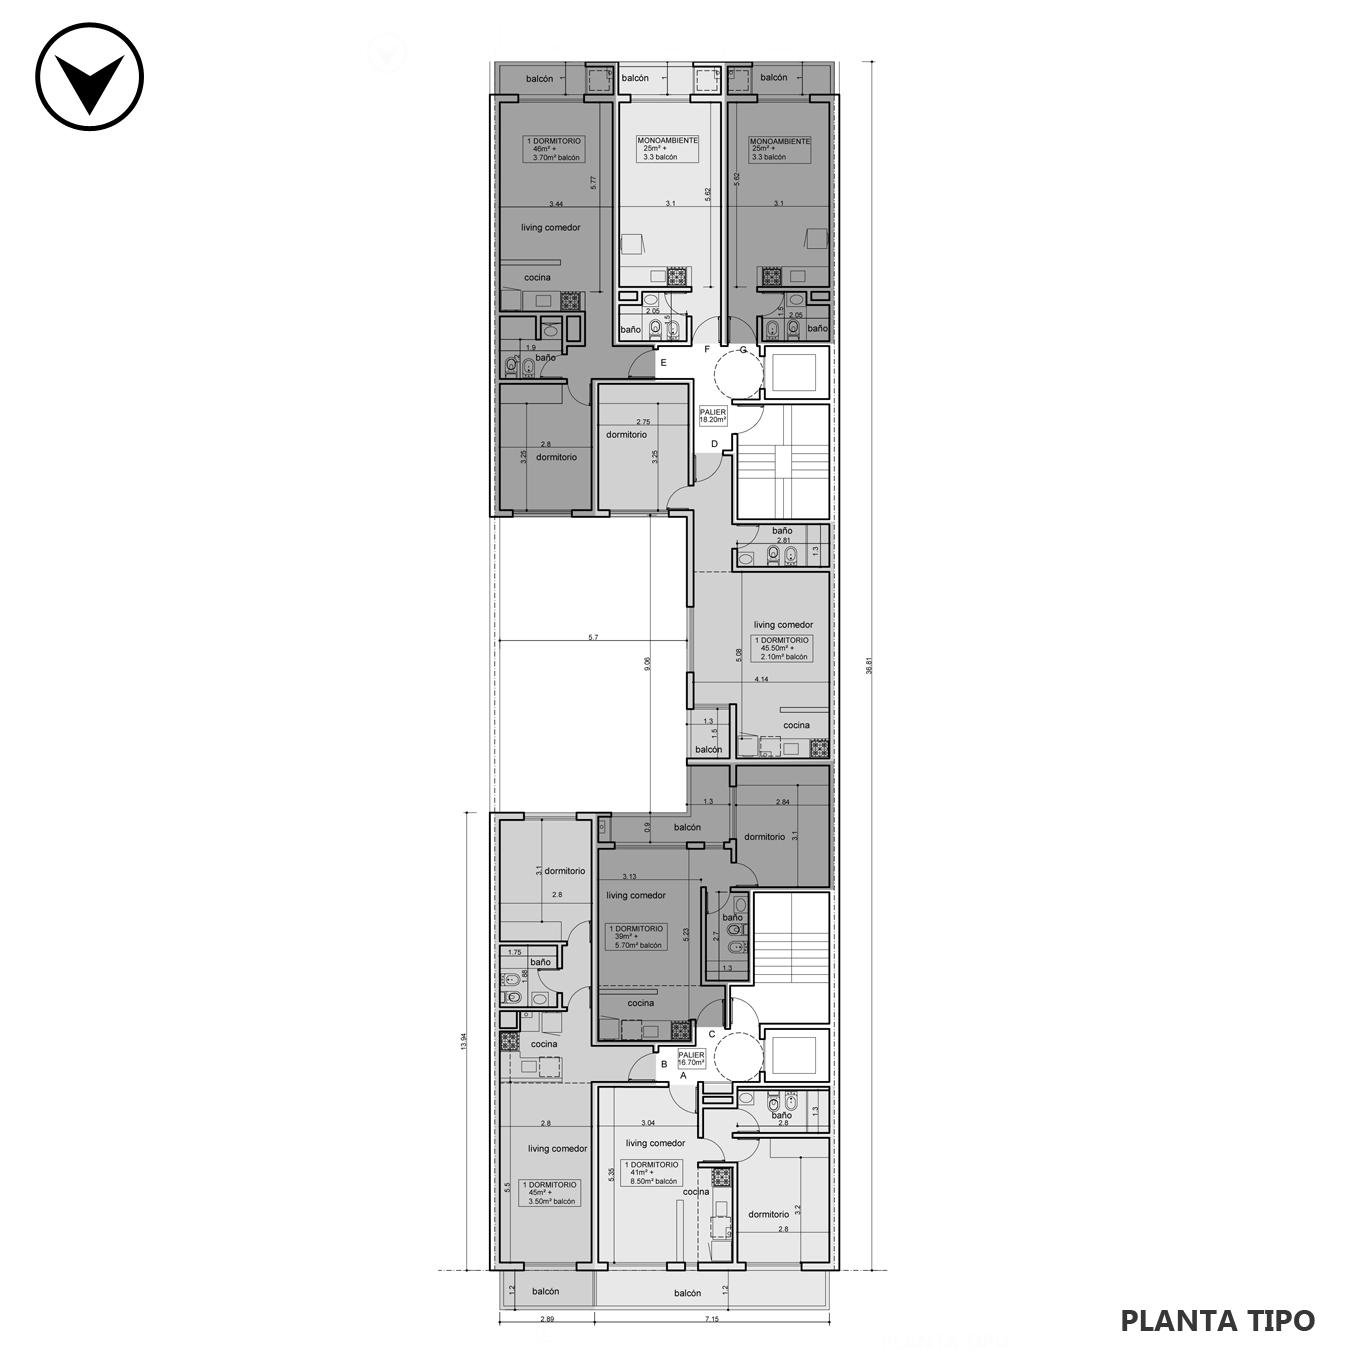 Venta departamento 1 dormitorio Rosario, Centro. Cod CBU24743 AP2302022. Crestale Propiedades